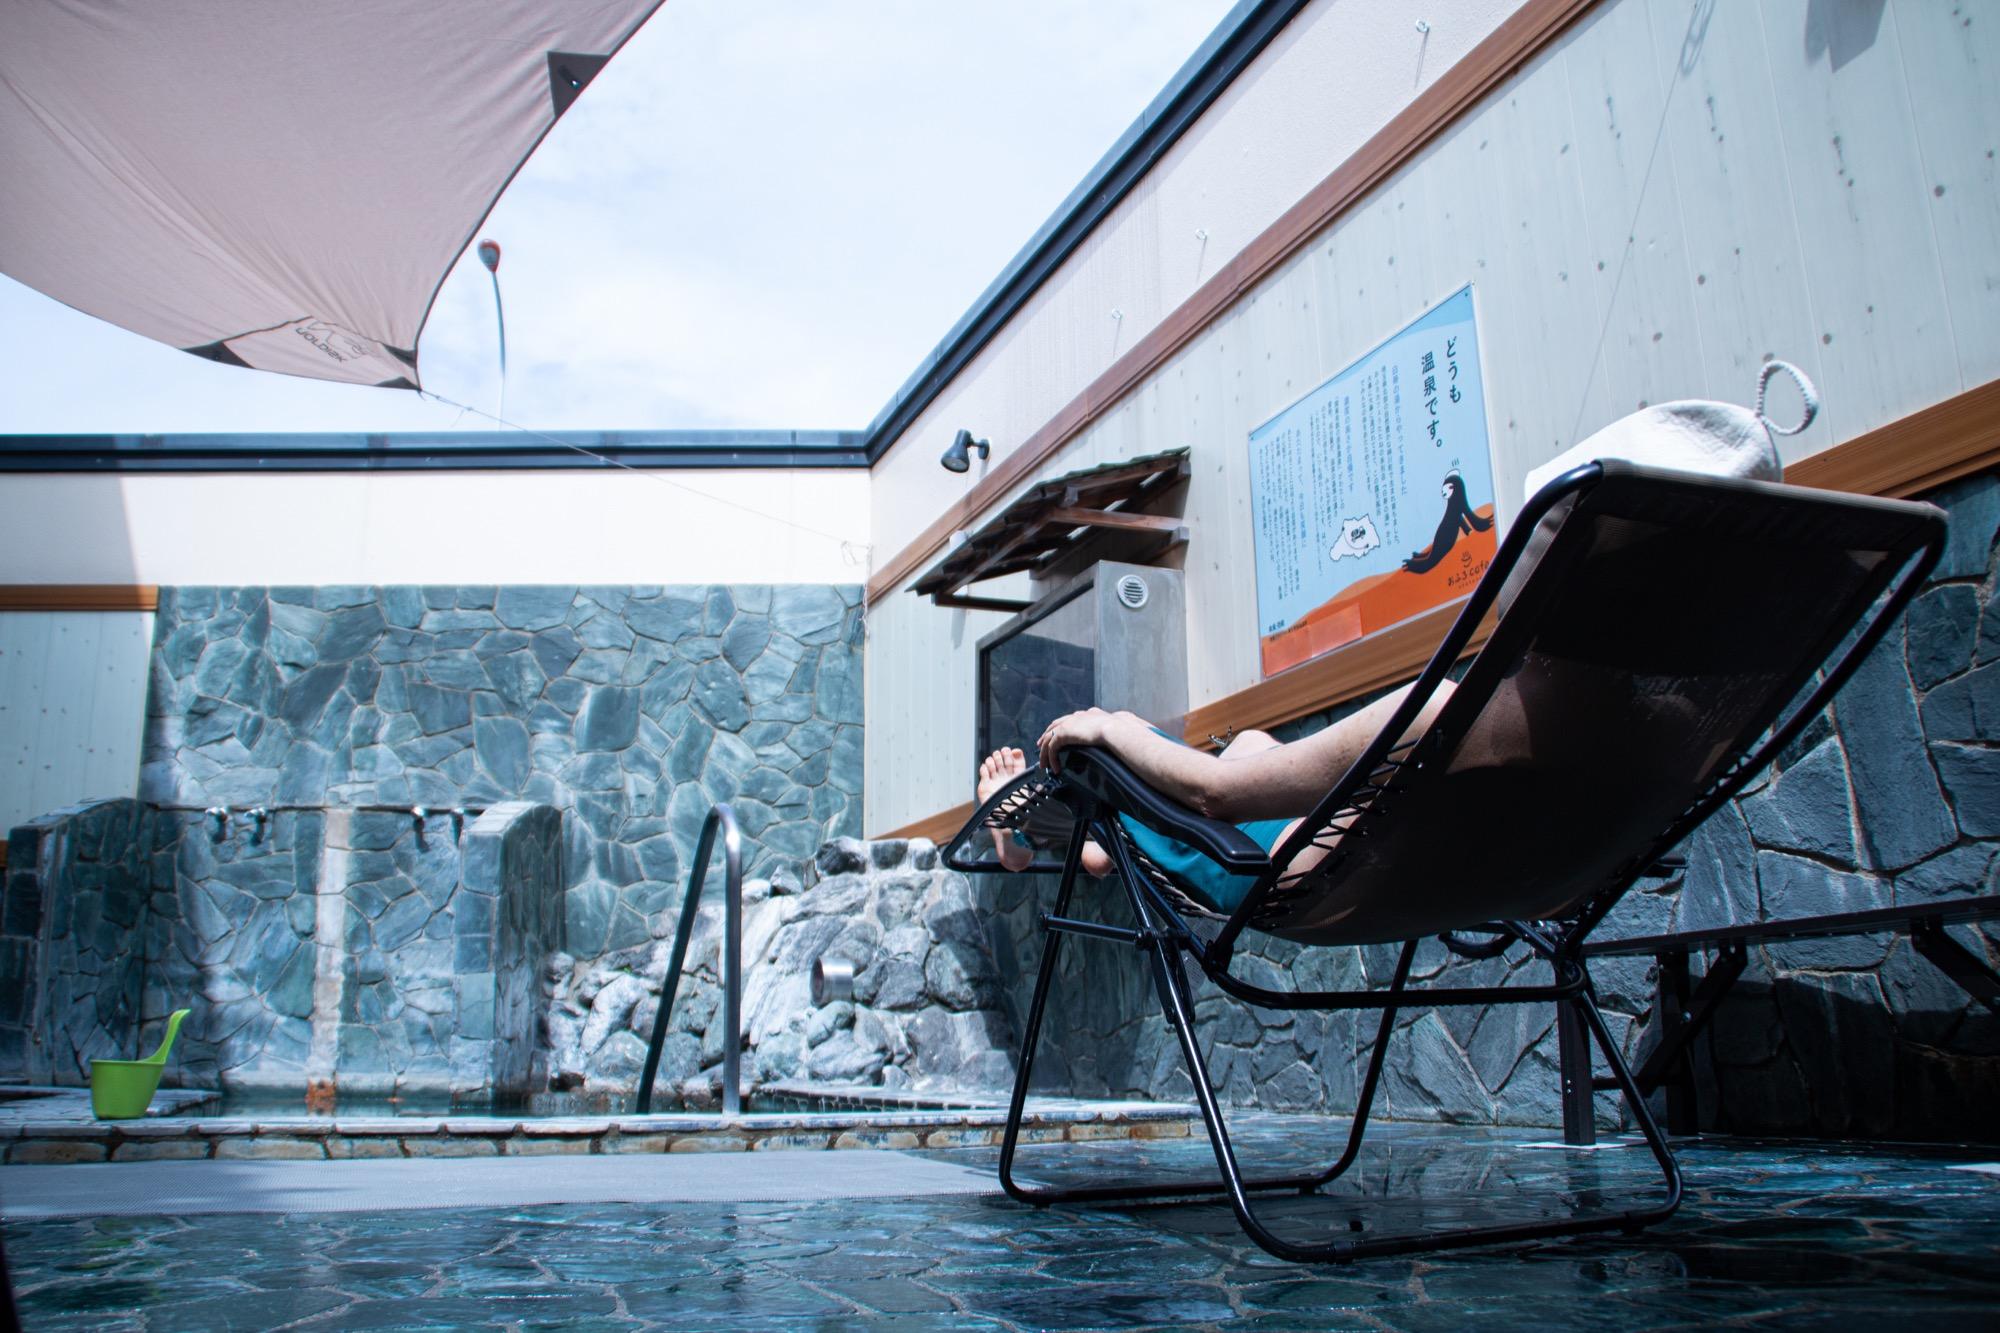 """টুইটারে おふろcafé utatane: """"さいたま市では久々に太陽が顔を覗かせました☀️ お天気の日は、露天風呂のテラスで外気浴がぴったり。いろいろな形のととのい椅子を用意しているので、自分だけの心地よいスペースを探してみて ..."""